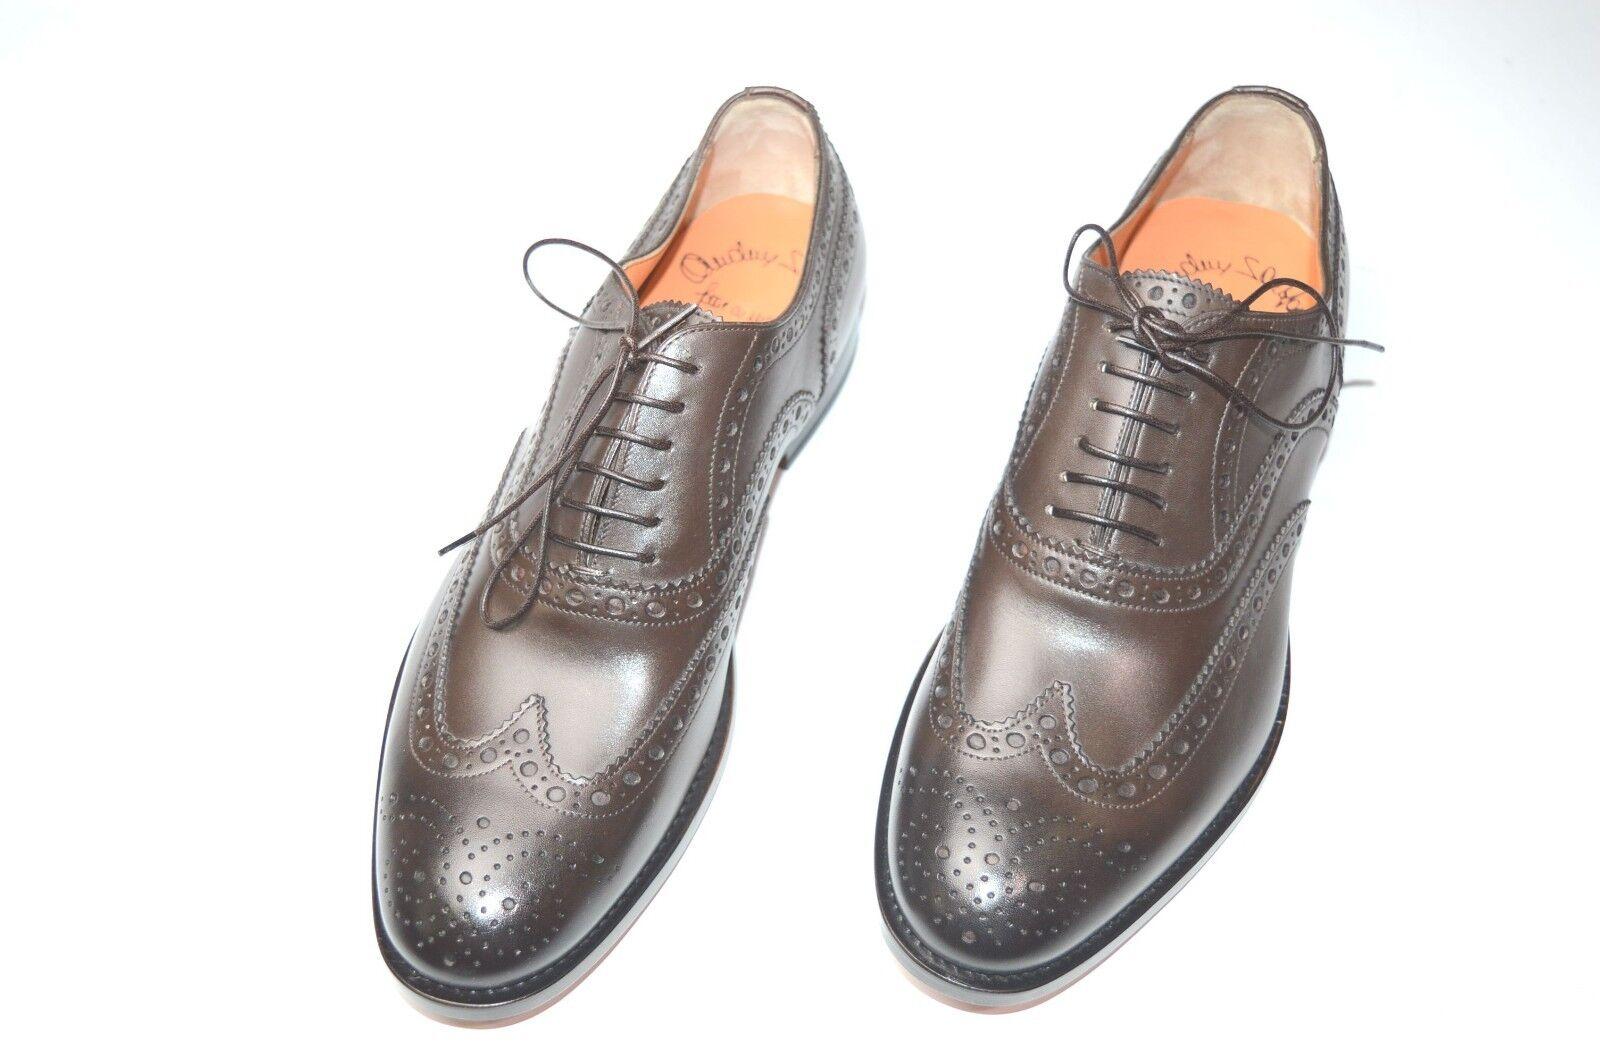 Nouvelle robe SANTONI Brun Chaussures Cuir Taille EU 43.5 UK 9.5 US 10.5 (50R)